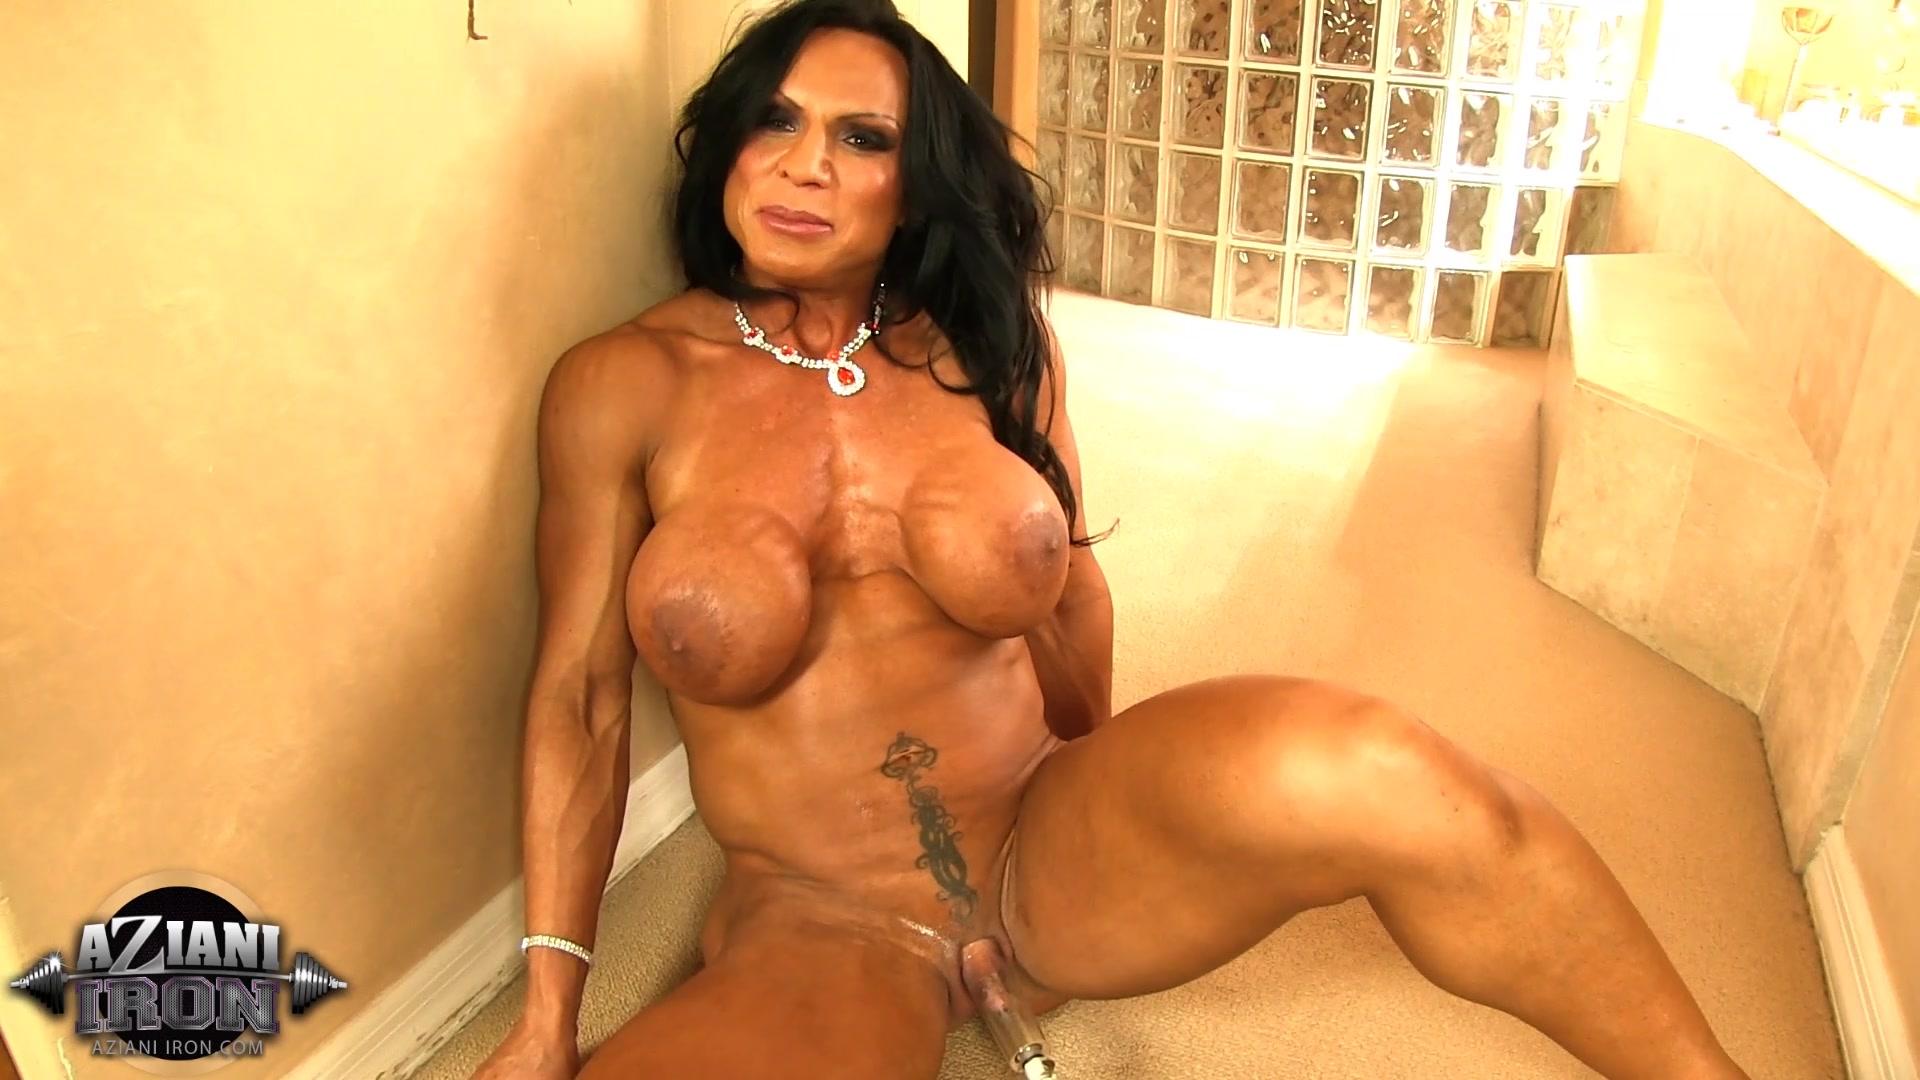 Секс фото бодибилдерш, Подборка голых женщин бодибилдерш - секс порно фото 20 фотография